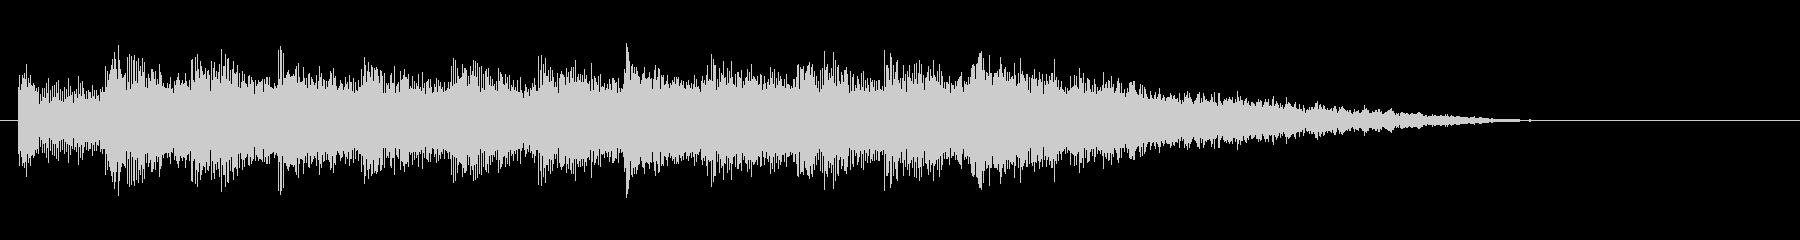 テーマ5:代替ミックスの未再生の波形